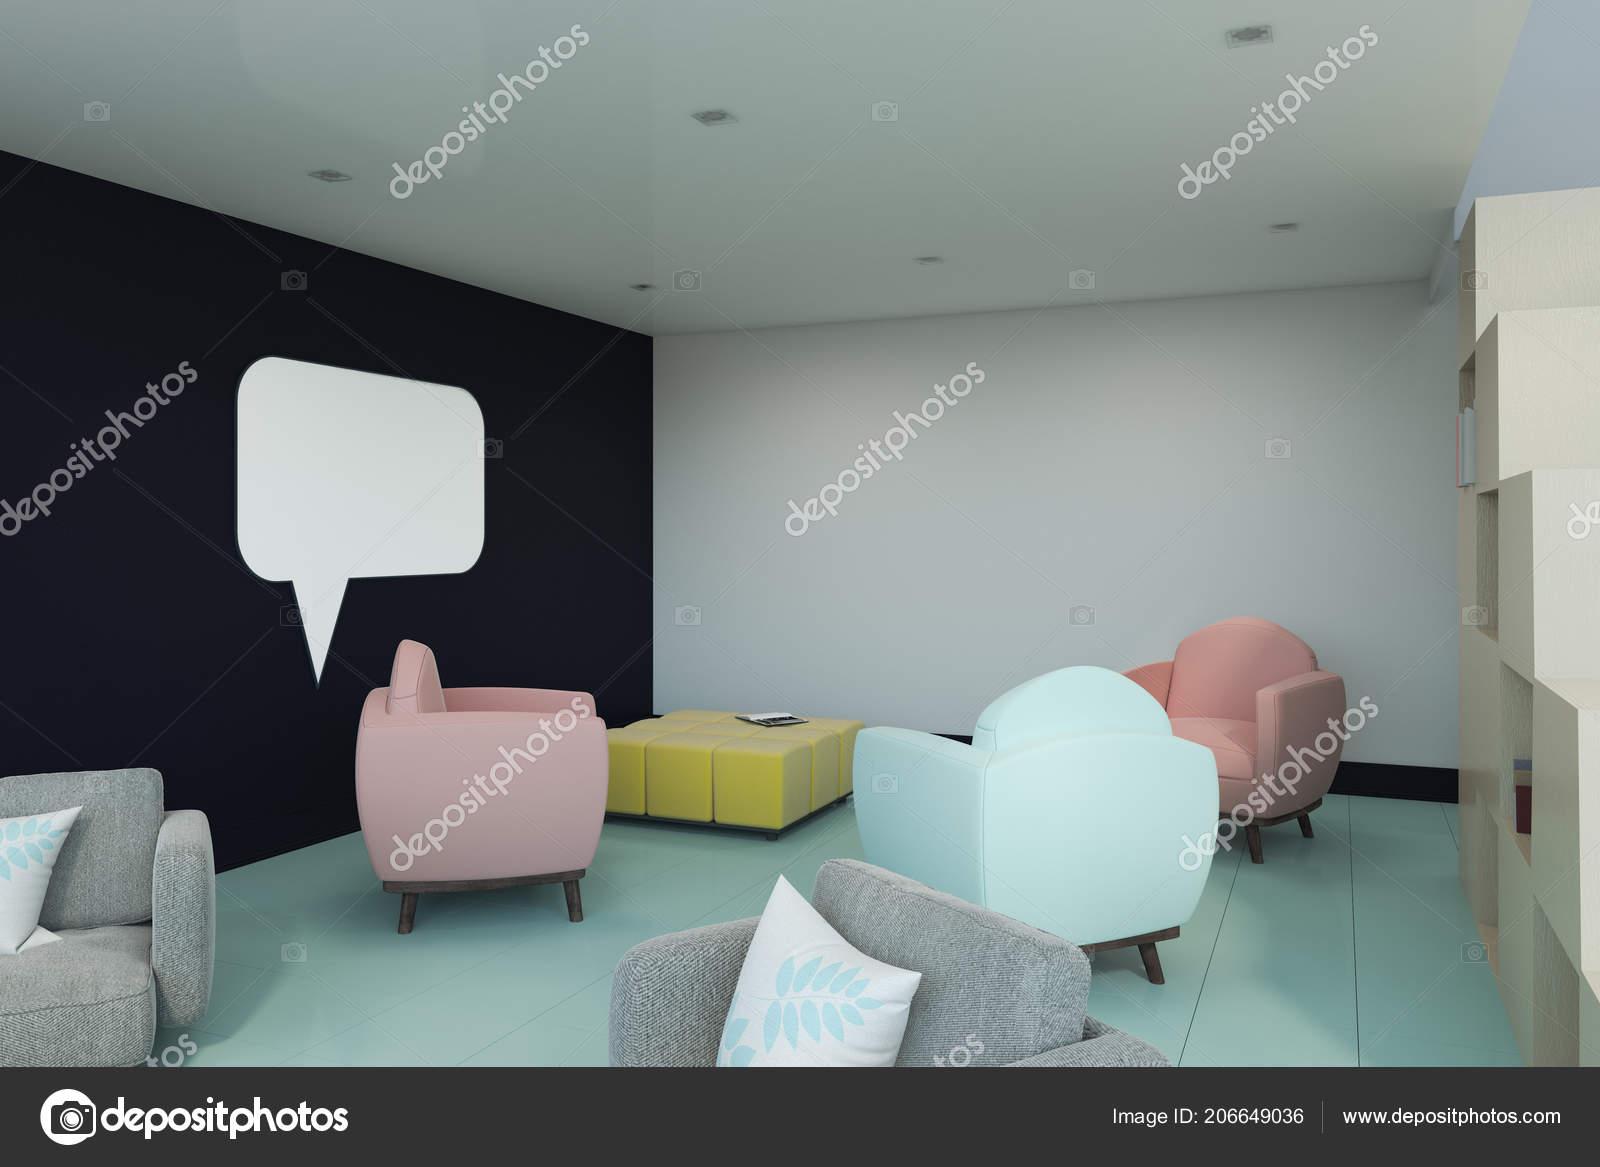 Sillones Coloridos.Interior Moderno Con Sillones Coloridos Ventana Conversacion